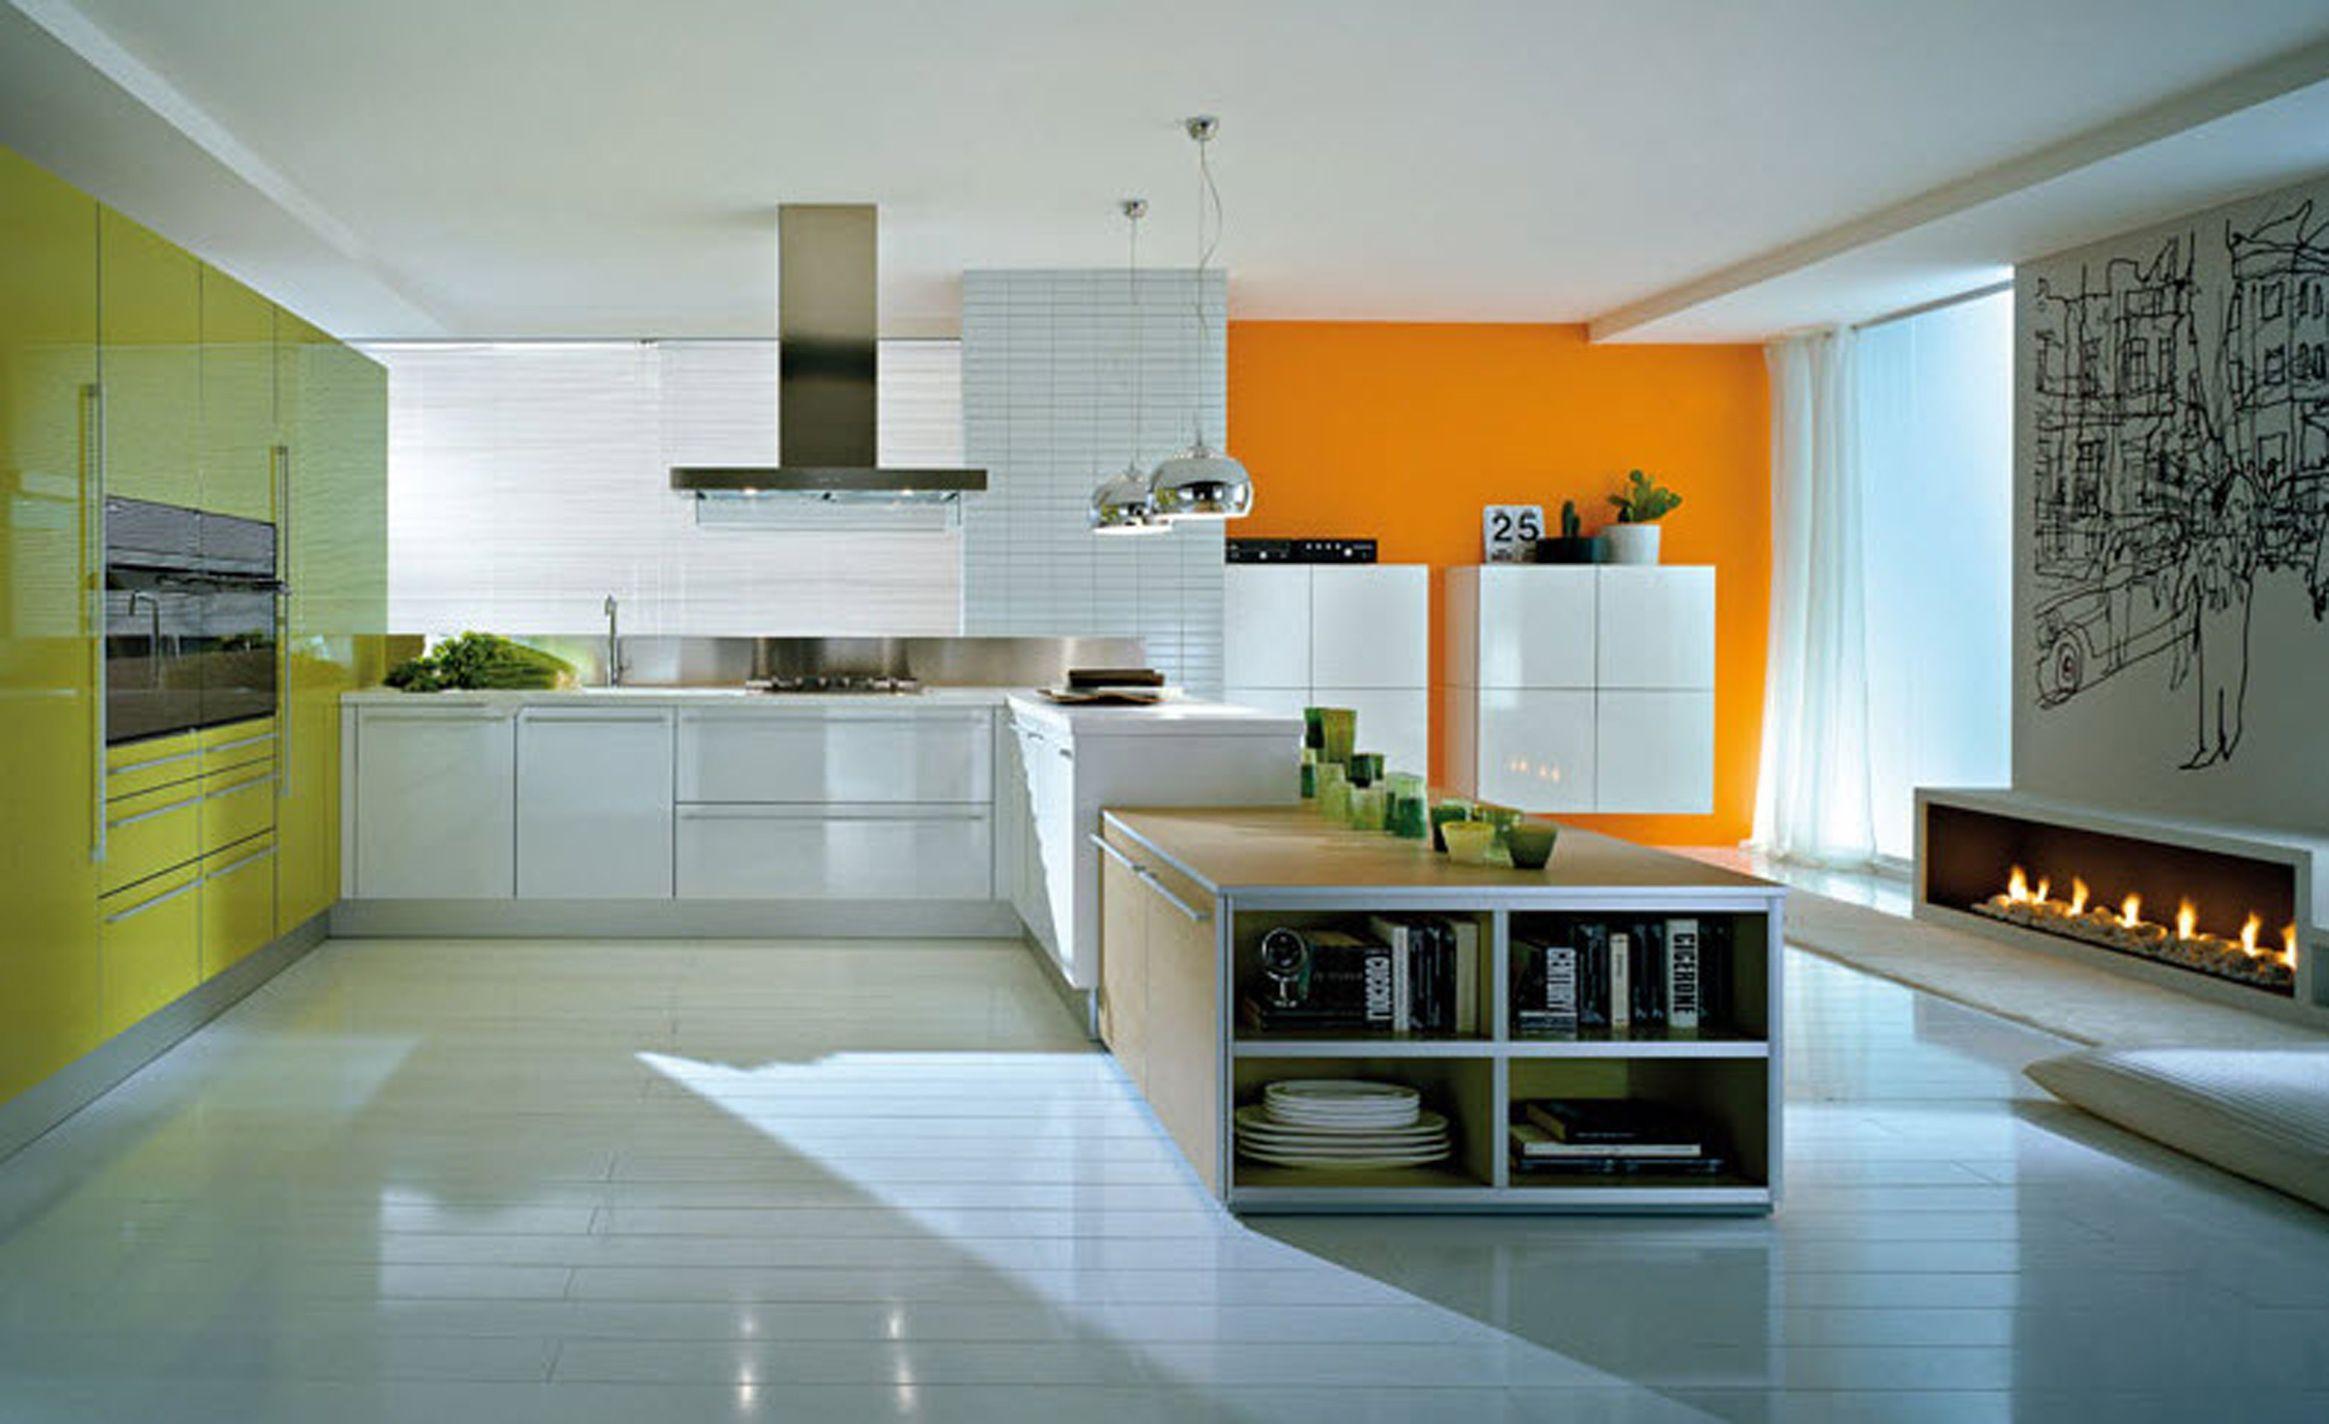 white kitchen designs ideas gallery kitchen design ideas small ...